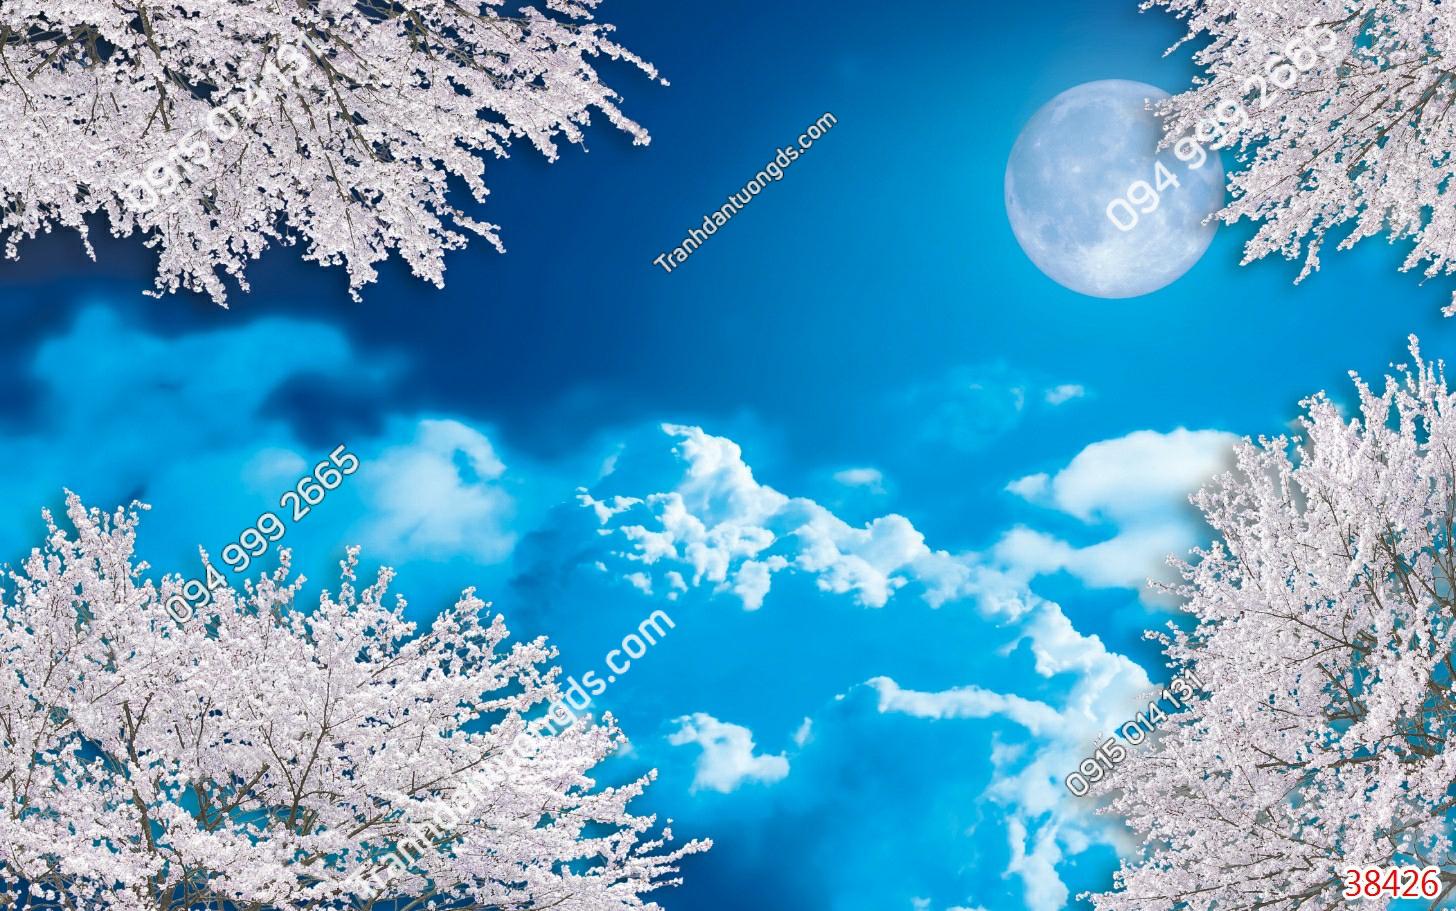 Tranh dán trần mây hoa anh đào 38426